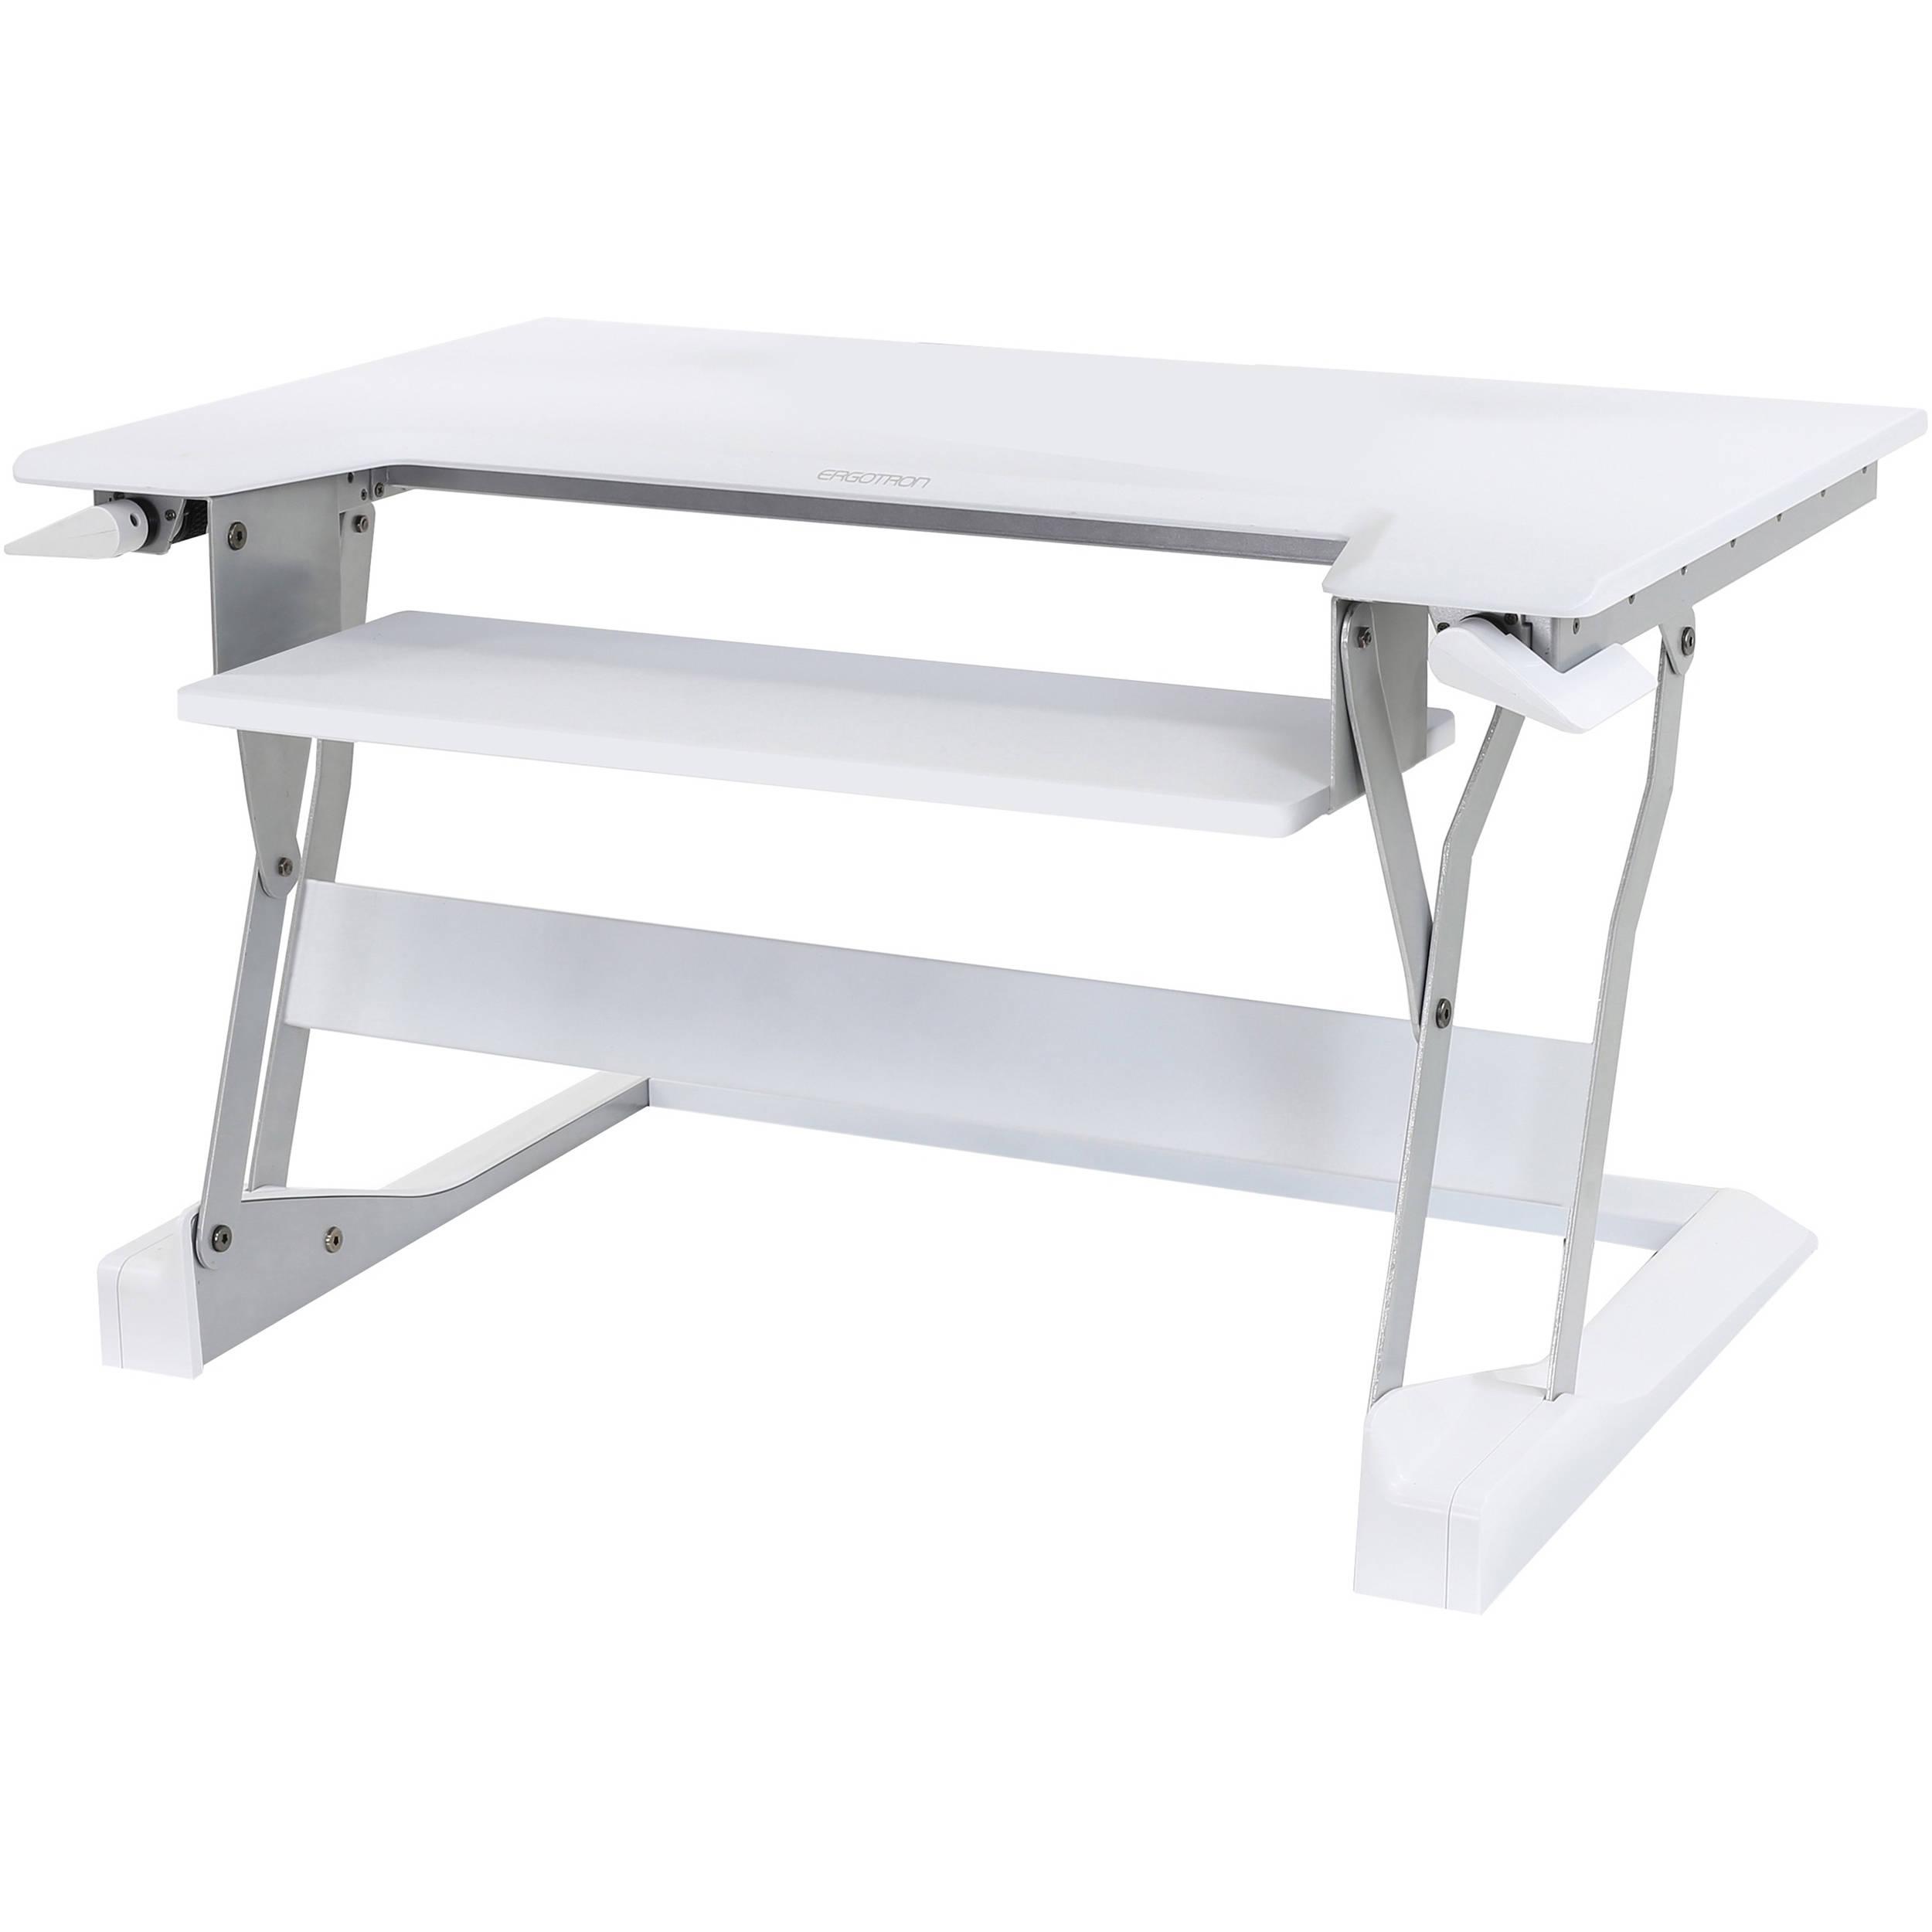 Ergotron Workfit T Sit Stand Desktop Workstation 33 397